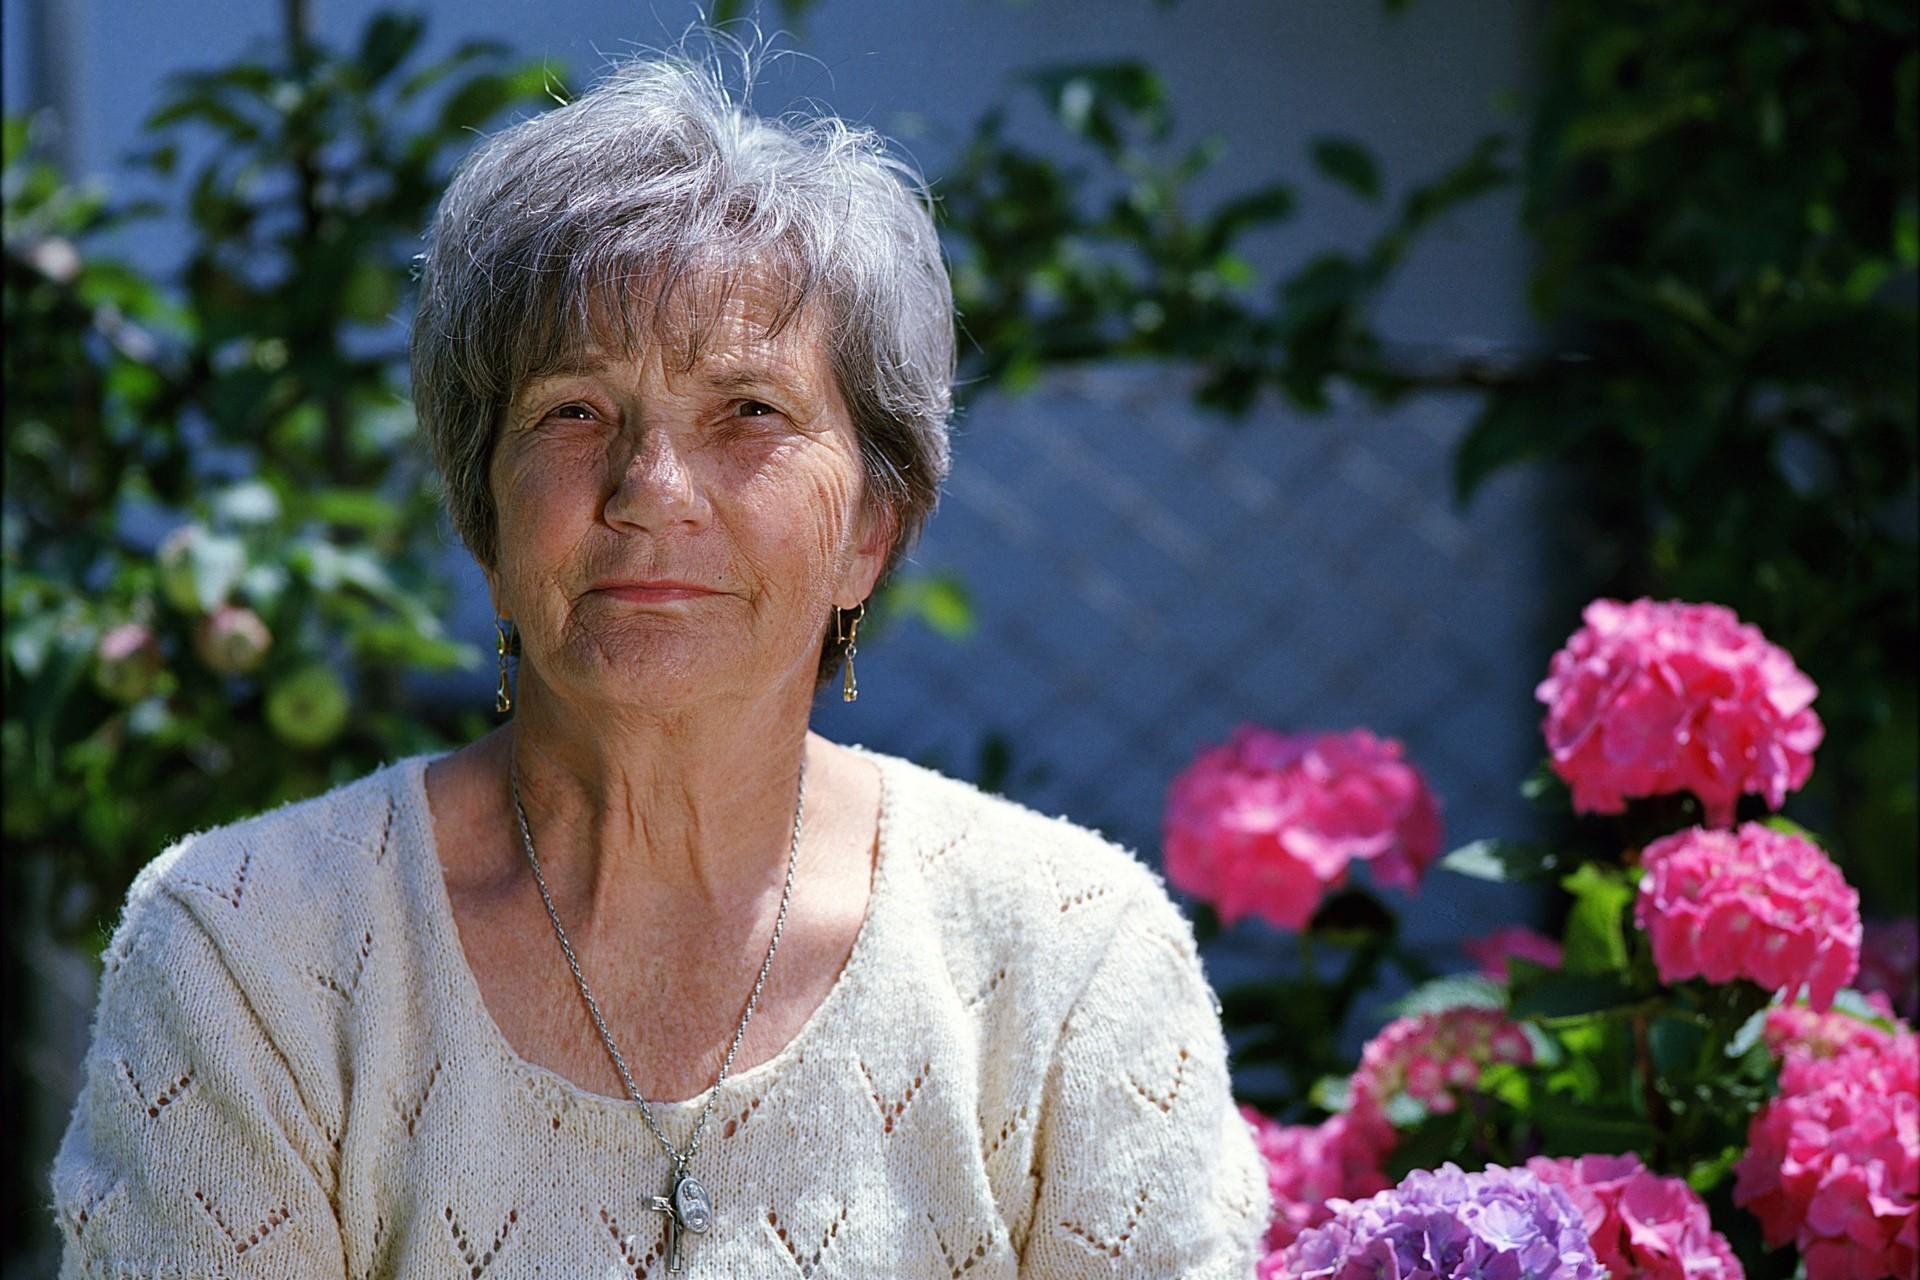 Kobieta po 60-tce, z tyłu kwiaty